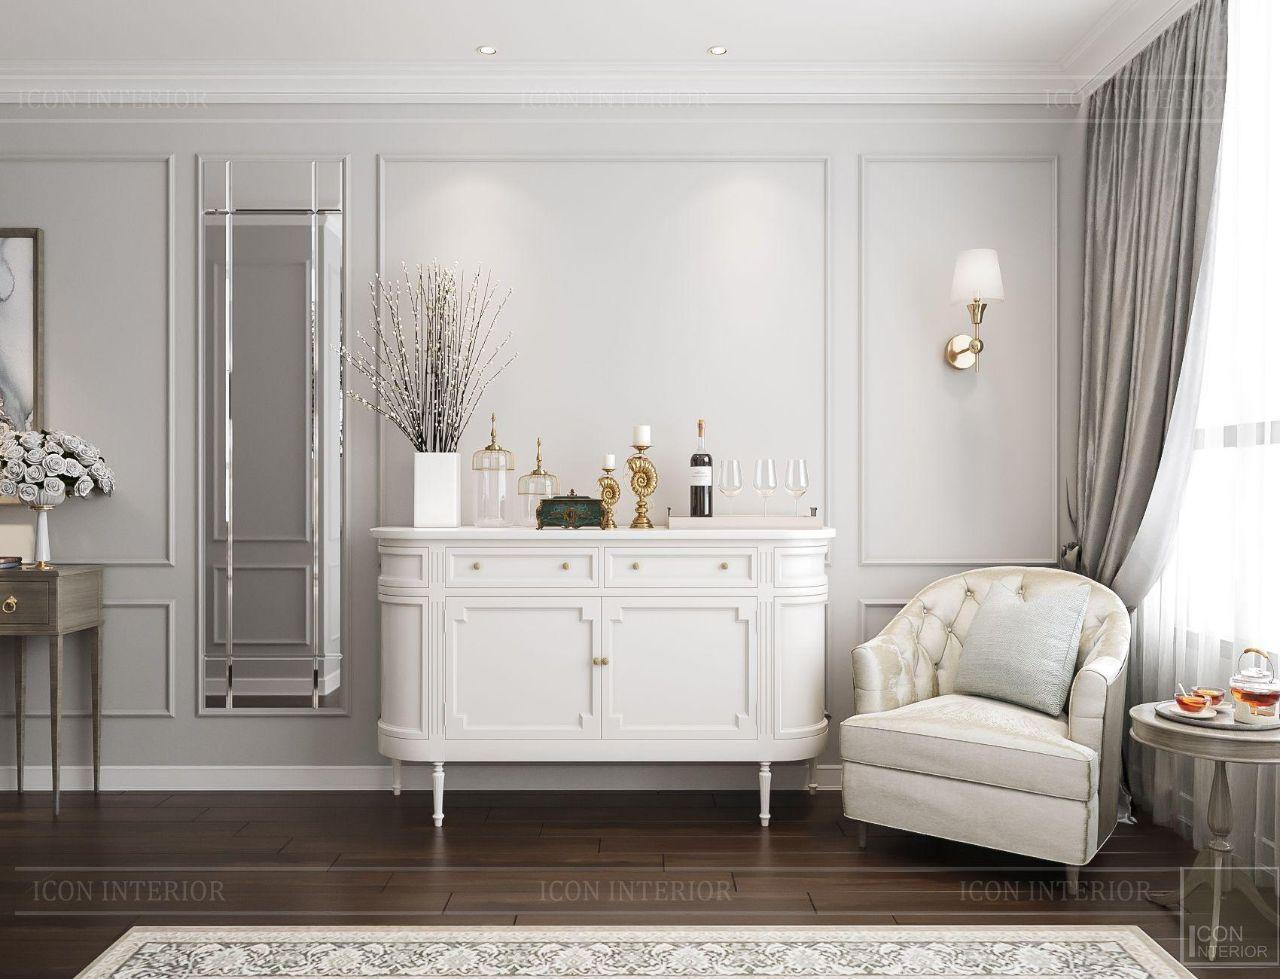 thiết kế nội thất căn hộ 90m2 hot